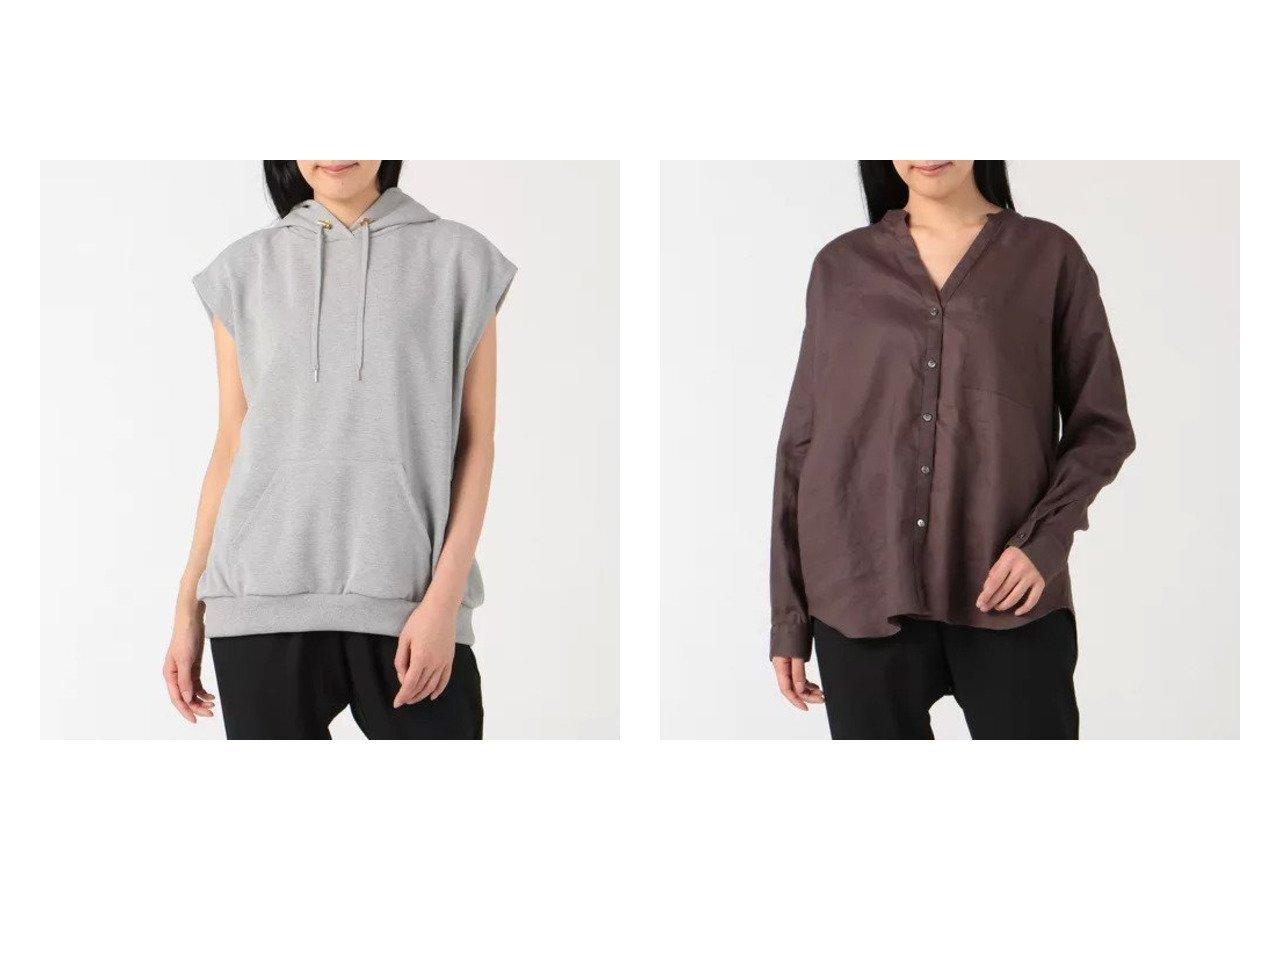 【Munich/ミューニック】のs hoodie&40s french linen canvas shirt outer 【アウター】おすすめ!人気、トレンド・レディースファッションの通販 おすすめで人気の流行・トレンド、ファッションの通販商品 インテリア・家具・メンズファッション・キッズファッション・レディースファッション・服の通販 founy(ファニー) https://founy.com/ ファッション Fashion レディースファッション WOMEN アウター Coat Outerwear トップス・カットソー Tops/Tshirt シャツ/ブラウス Shirts/Blouses ベスト/ジレ Gilets/Vests ウォッシュ リネン ロング ヴィンテージ 吸水 洗える 長袖 スリーブ バランス フォルム フレンチ ベスト |ID:crp329100000054078